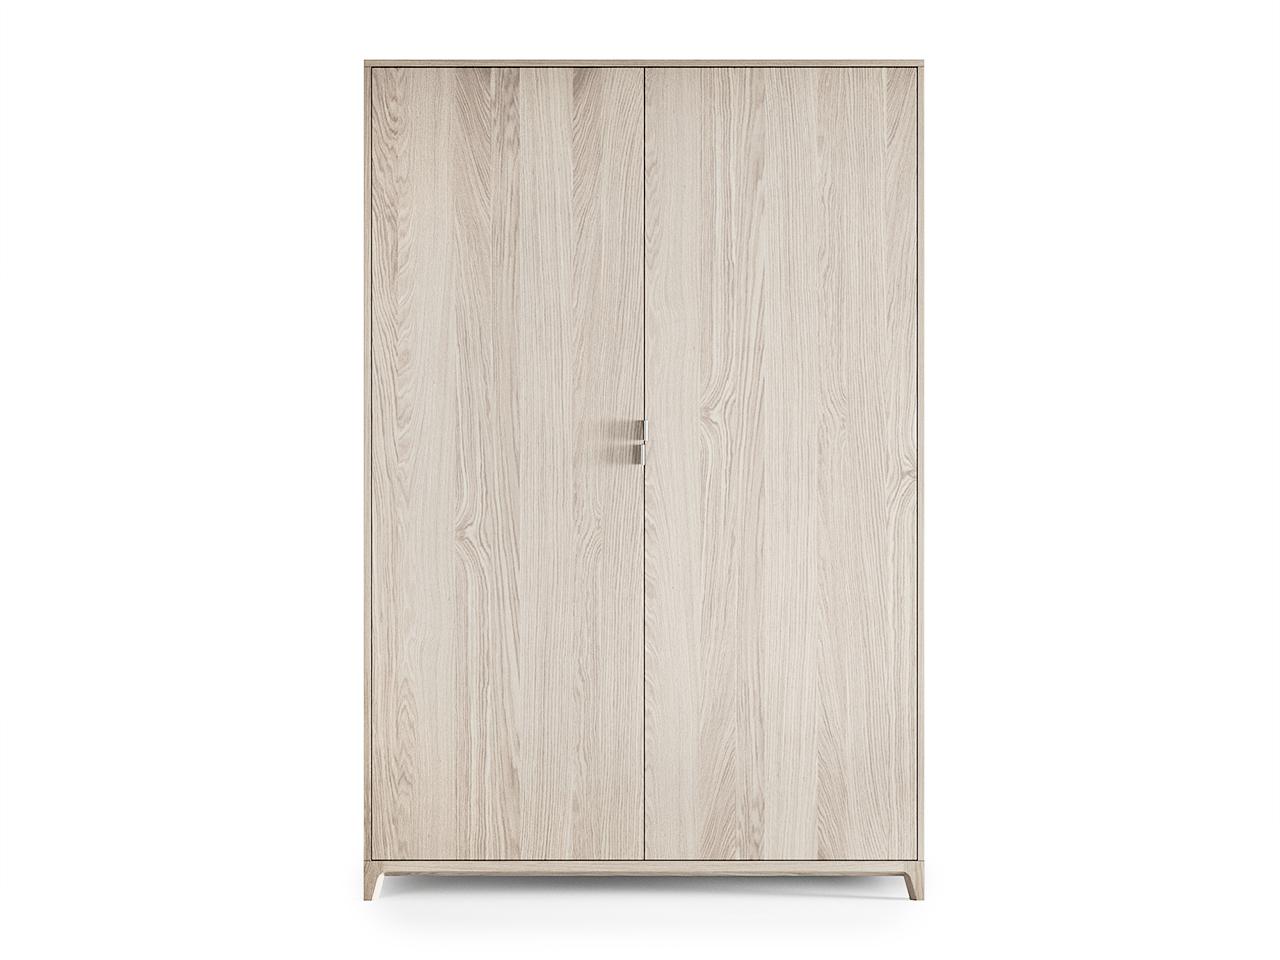 Шкаф Case (беленый)Платяные шкафы<br>Вместительный, прочный и удобный шкаф CASE сочетает в себе продуманную структуру и современный дизайн.Внутри шкафа комфортно расположены полки, выдвижные ящики и штанги для вешалок. Благодаря отсутствию в конструкции лишних элементов и сбалансированной форме шкаф не выглядит массивным, а фасады с неповторимой фактурой дерева завершают его лаконичный образ. Шкаф CASE рассчитан на комфортное использование для одного или двух человек.&amp;lt;div&amp;gt;&amp;lt;br&amp;gt;&amp;lt;/div&amp;gt;&amp;lt;div&amp;gt;Материал: Массив дуба, натуральный шпон дуба, МДФ, ДСП, лак&amp;lt;br&amp;gt;&amp;lt;/div&amp;gt;<br><br>Material: Дуб<br>Ширина см: 140.0<br>Высота см: 210.0<br>Глубина см: 60.0